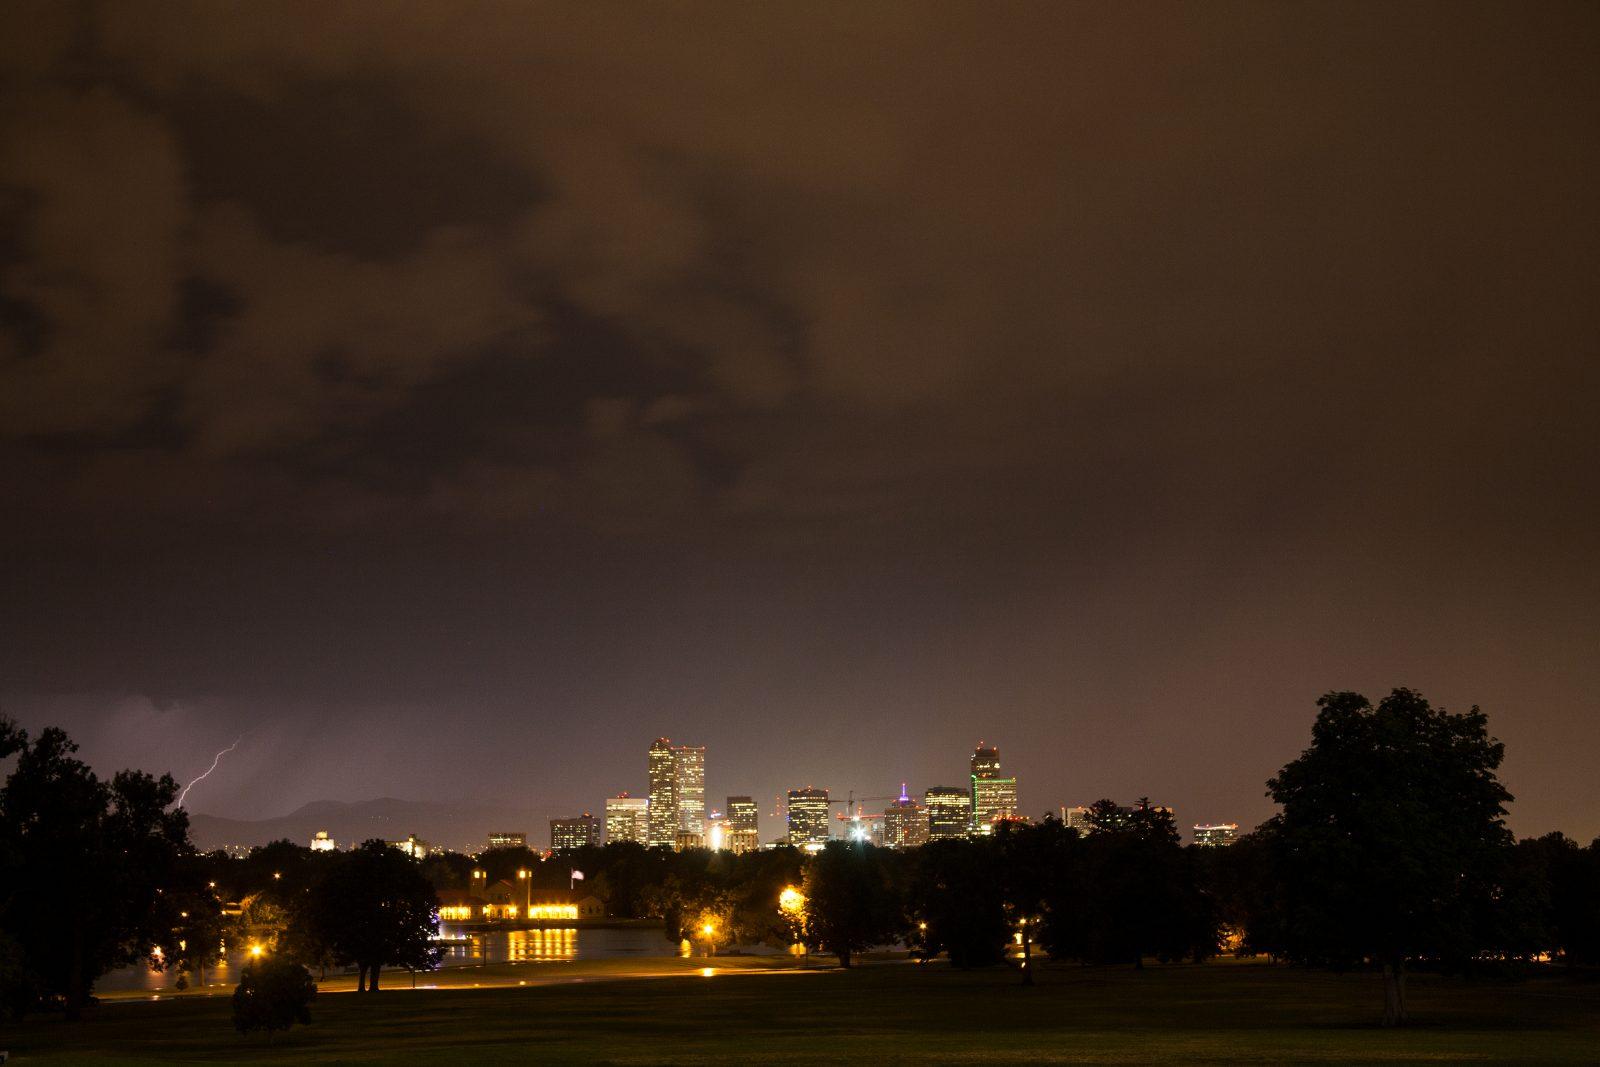 Denver, Colorado - July 11, 2013